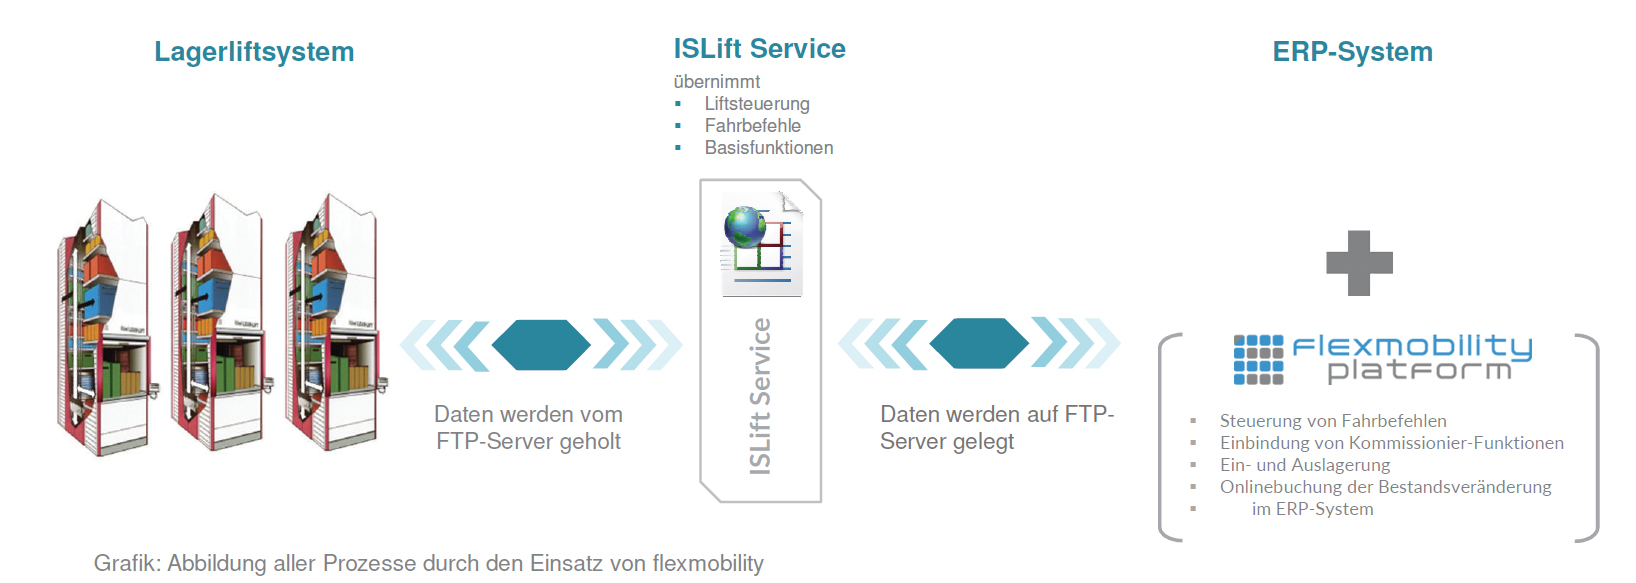 ISLift Systeme von Ingerson Consulting GmbH in Düsseldorf